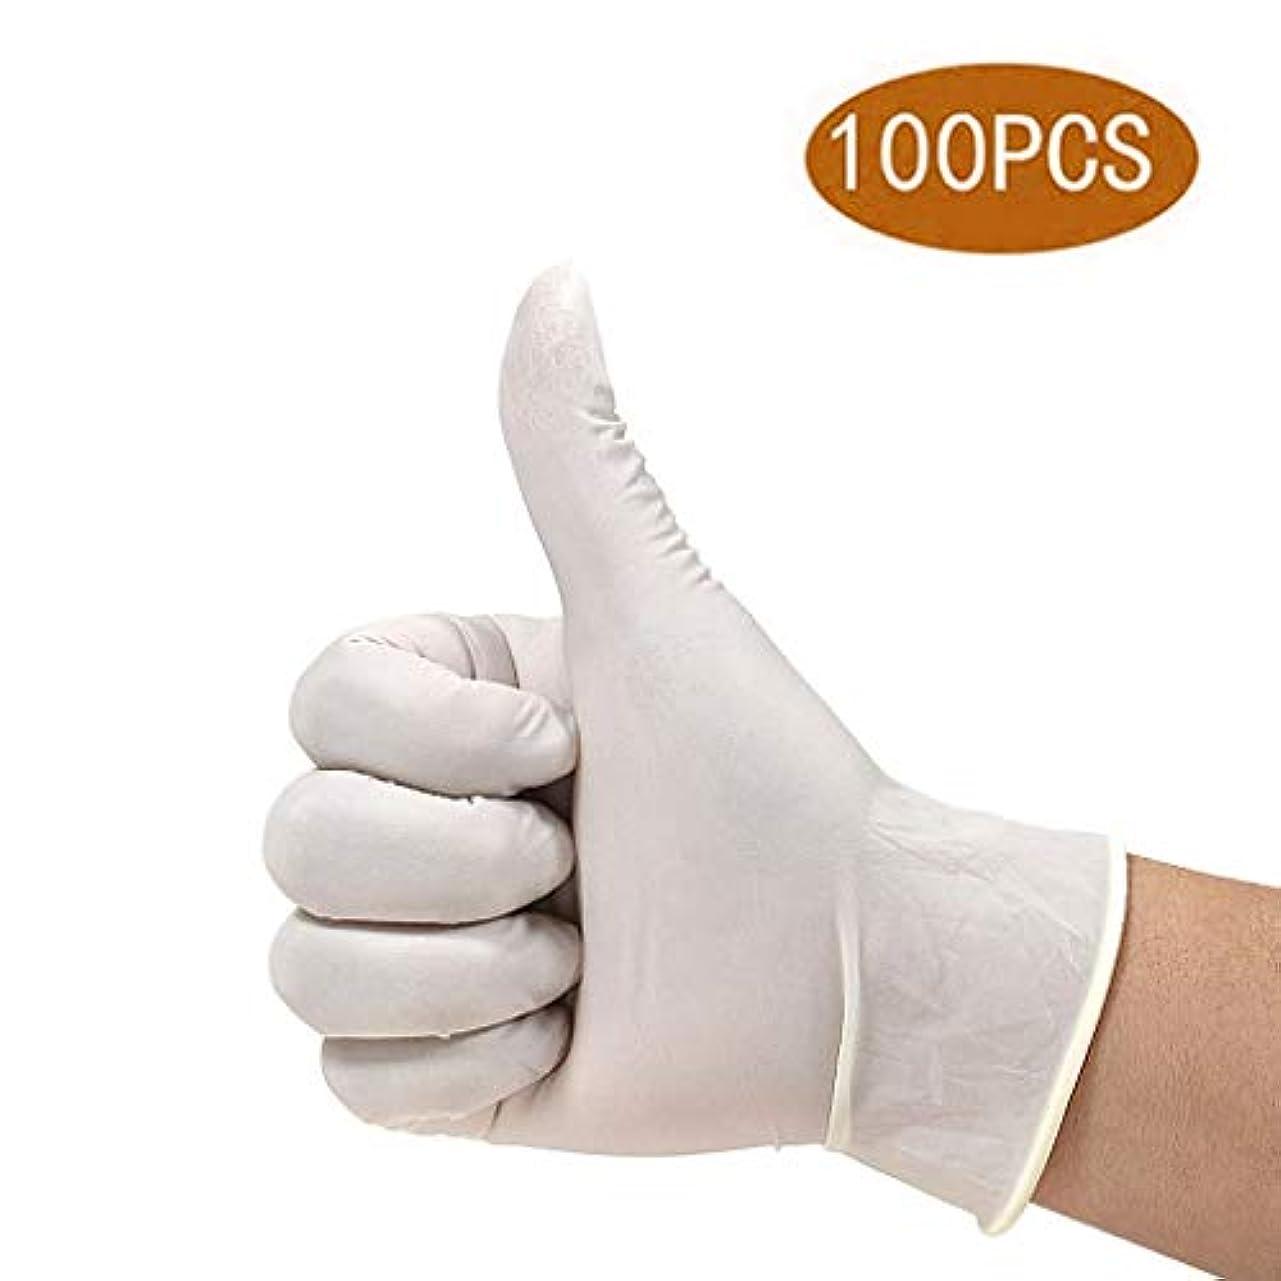 ヒゲ生産的ノミネート使い捨て手袋ラテックスプラスチック保護洗浄野菜タトゥー家庭用医療肥厚耐久性タトゥー検査実験タトゥー保護ゴム、(100個/箱) (Size : L)